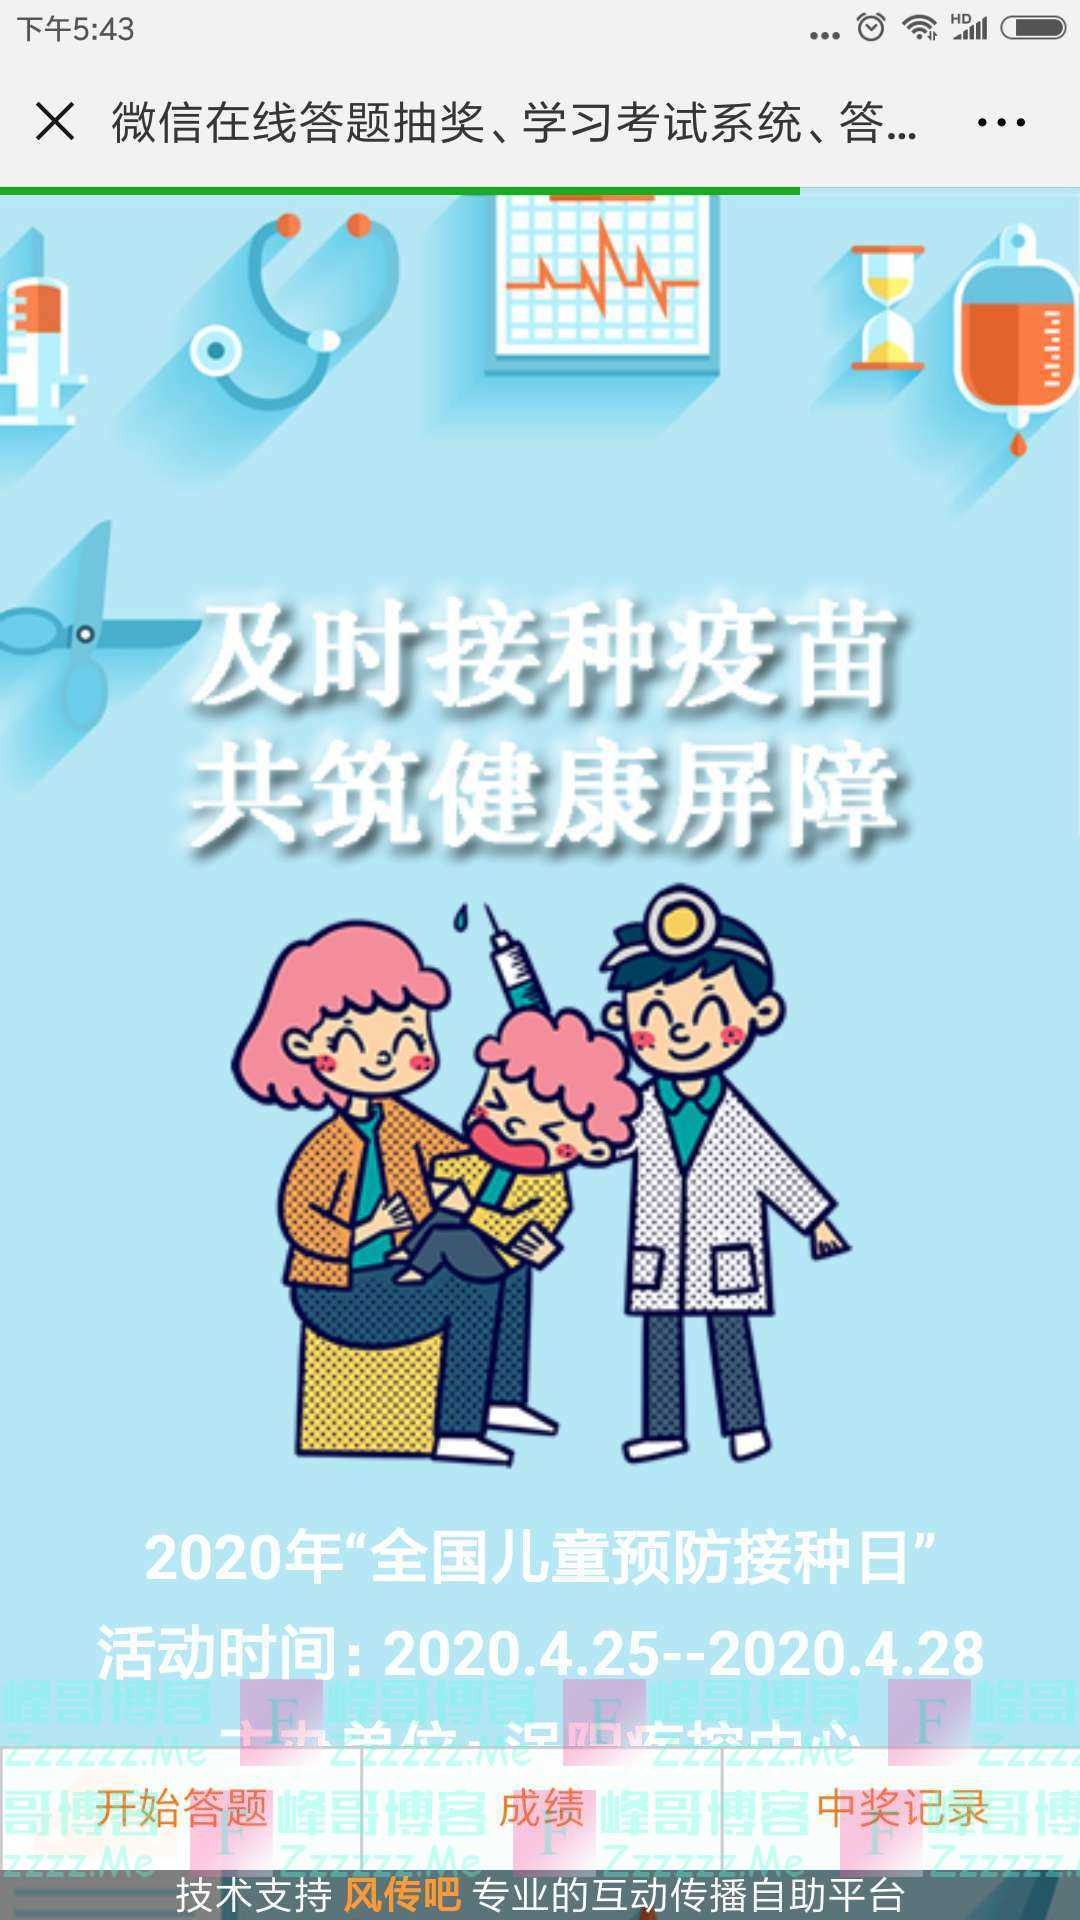 健康涡阳全国儿童预防接种日答题赢红包(截止4月28日)